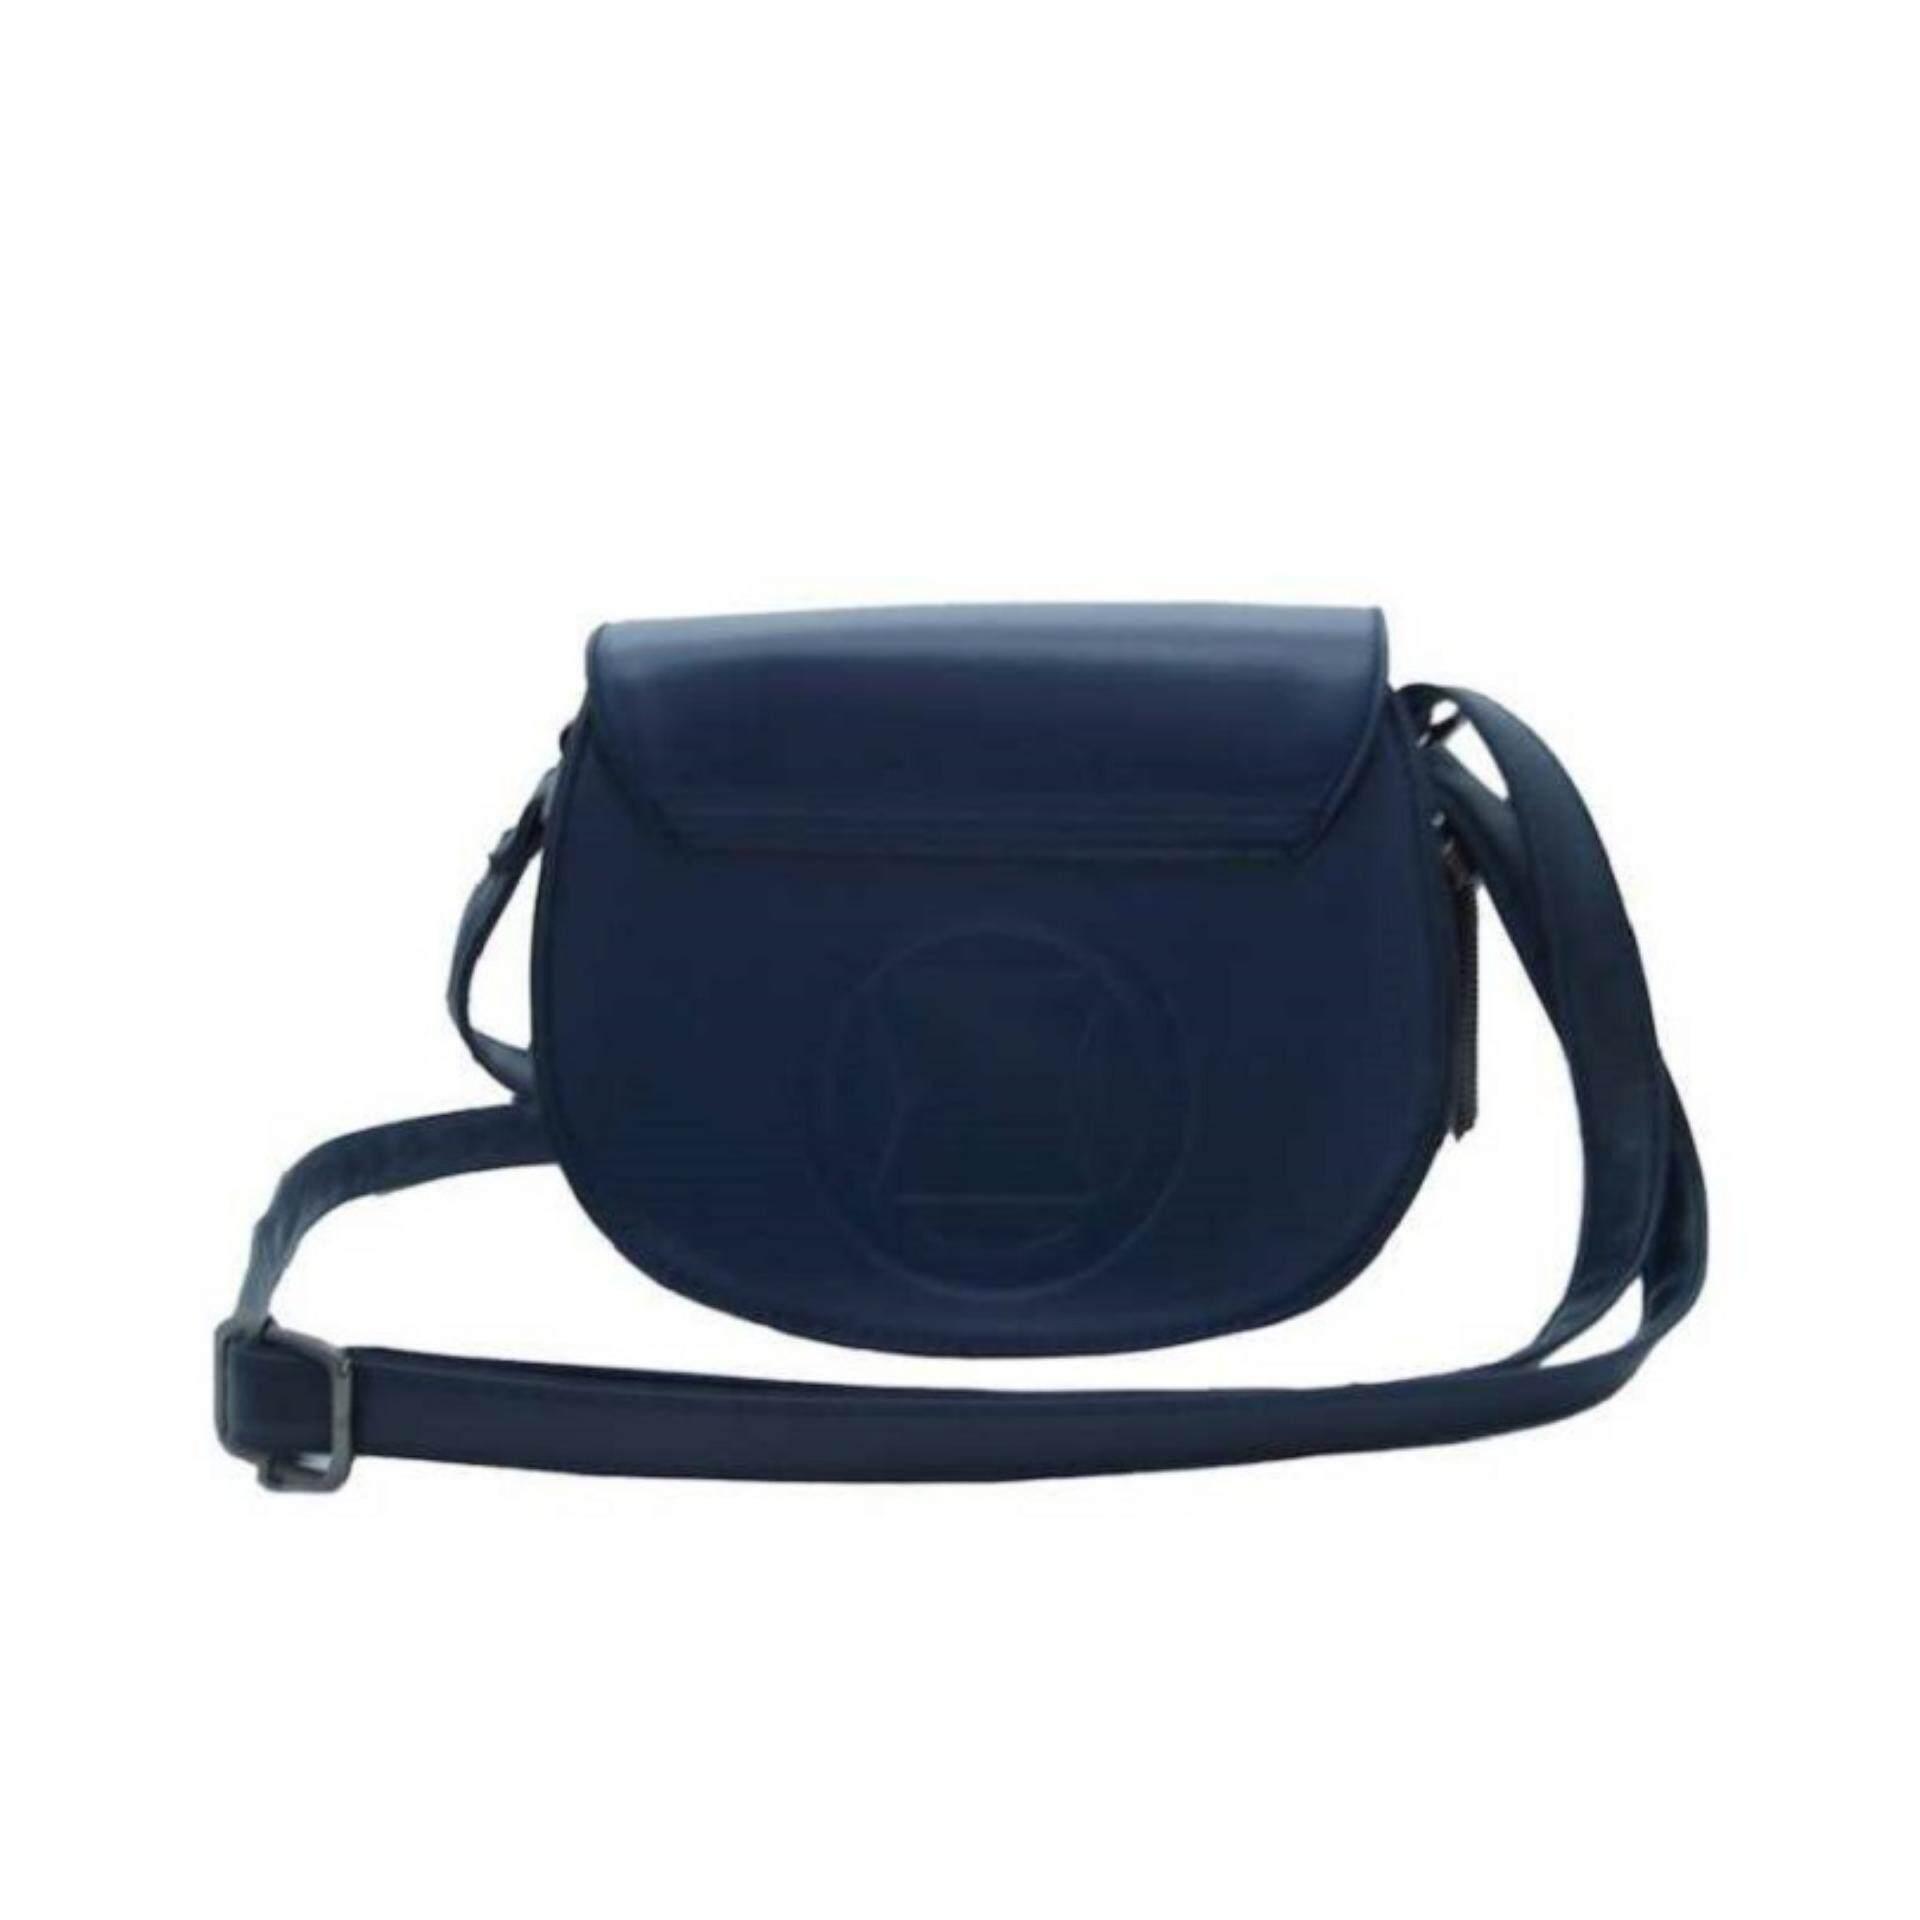 Marvel Avengers Infinity War Female Crossbody Bag - Dark Blue Colour